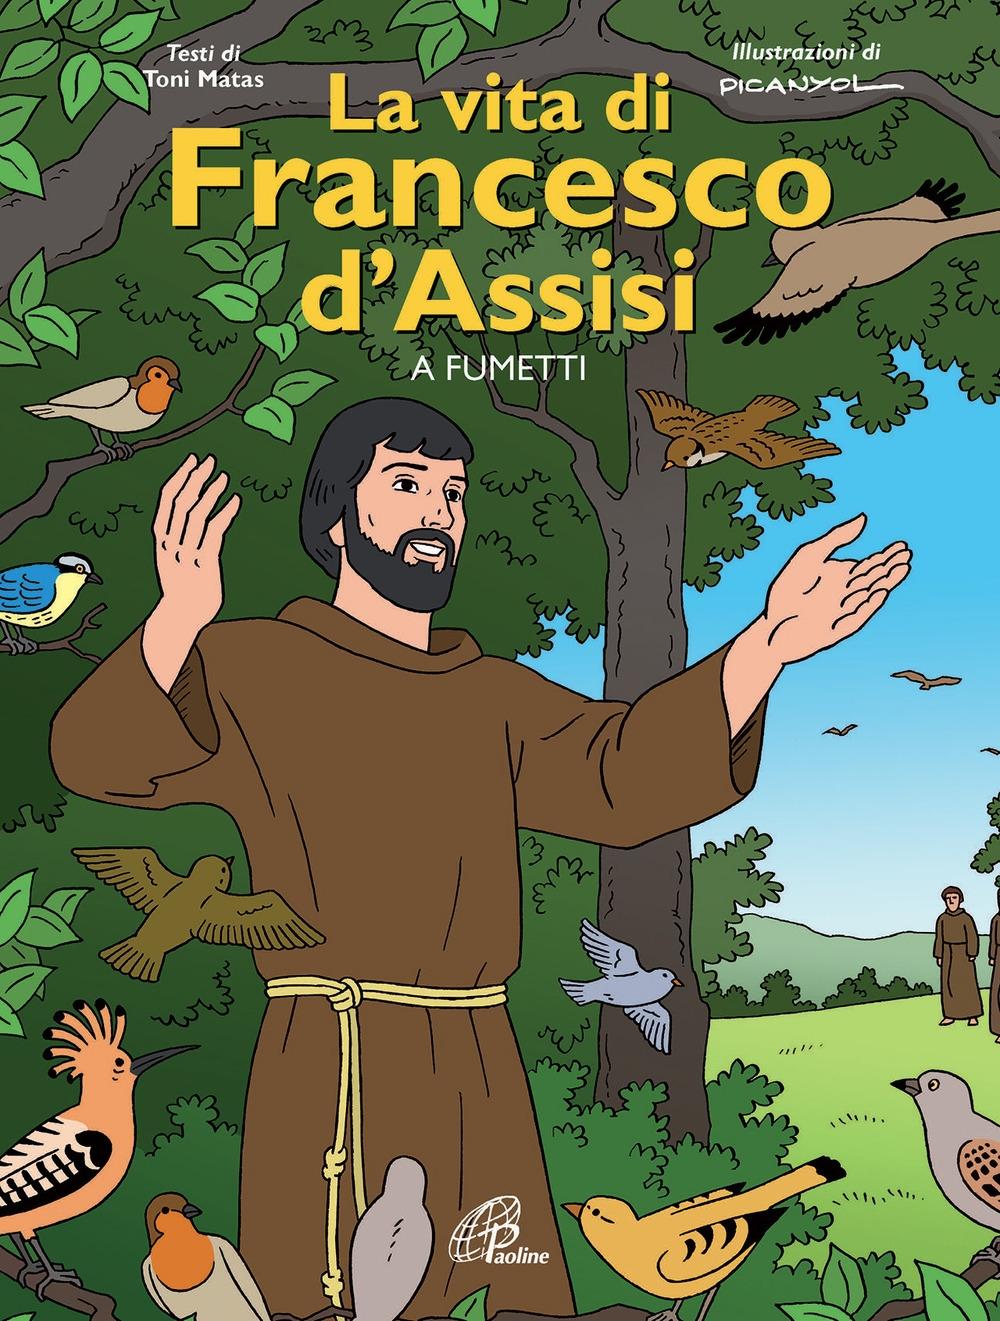 La vita di Francesco d'Assisi a fumetti.